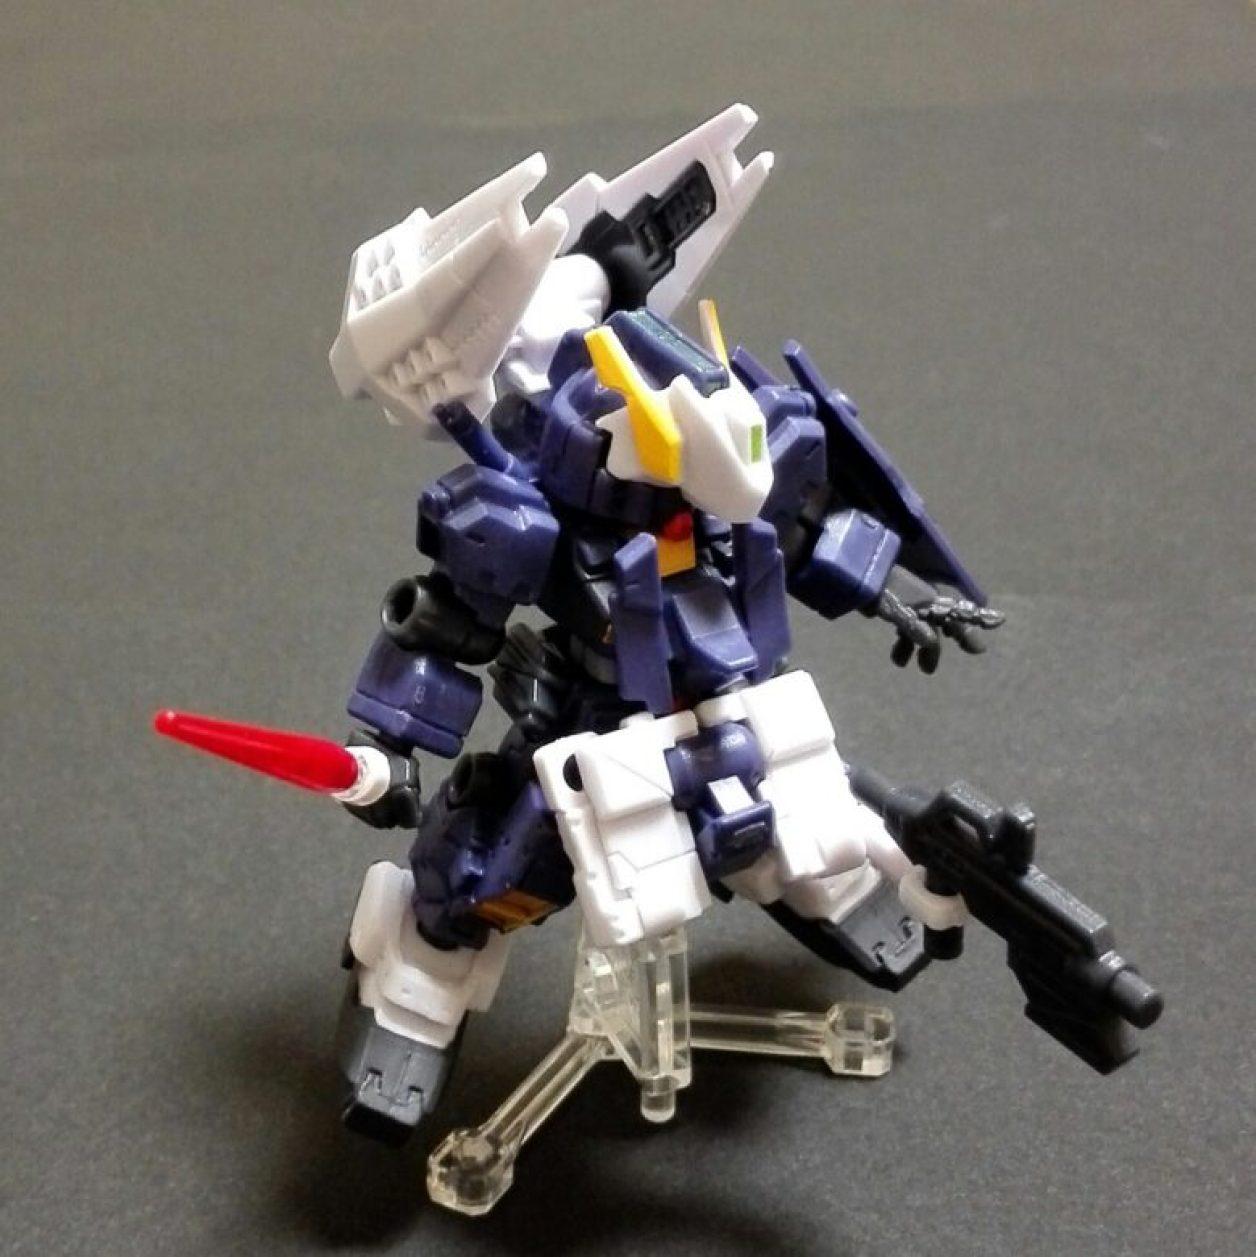 MOBILE SUIT ENSEMBLE(モビルスーツアンサンブル)第3.5弾ヘイズル改(ティターンズカラー)とMS武器セットの組み合わせによるアドバンスド・ヘイズルの画像